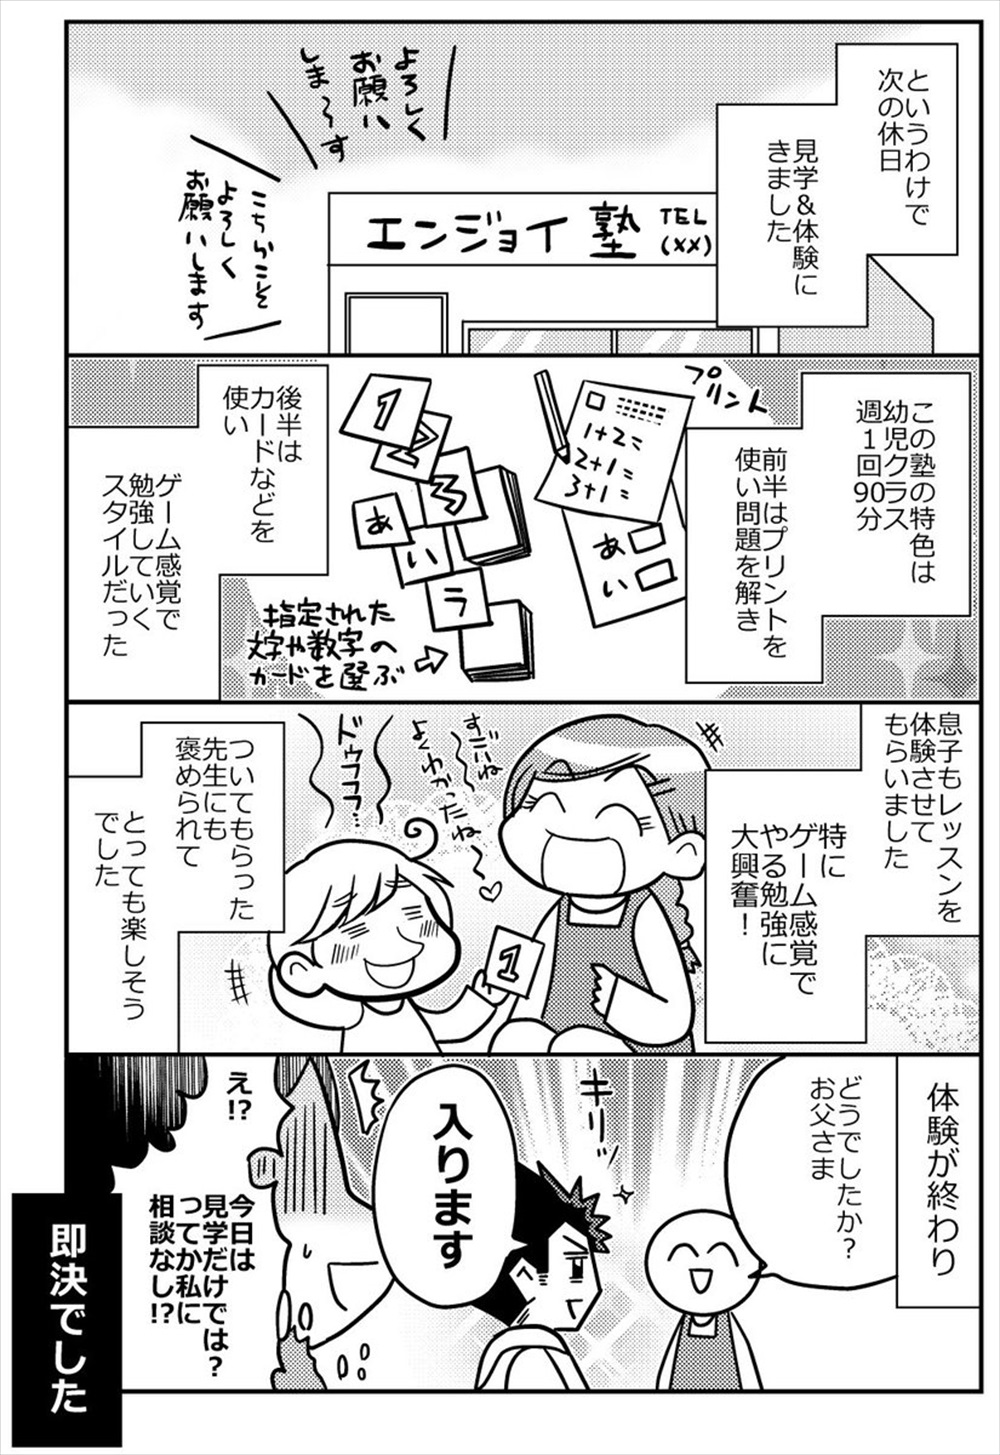 育児漫画2